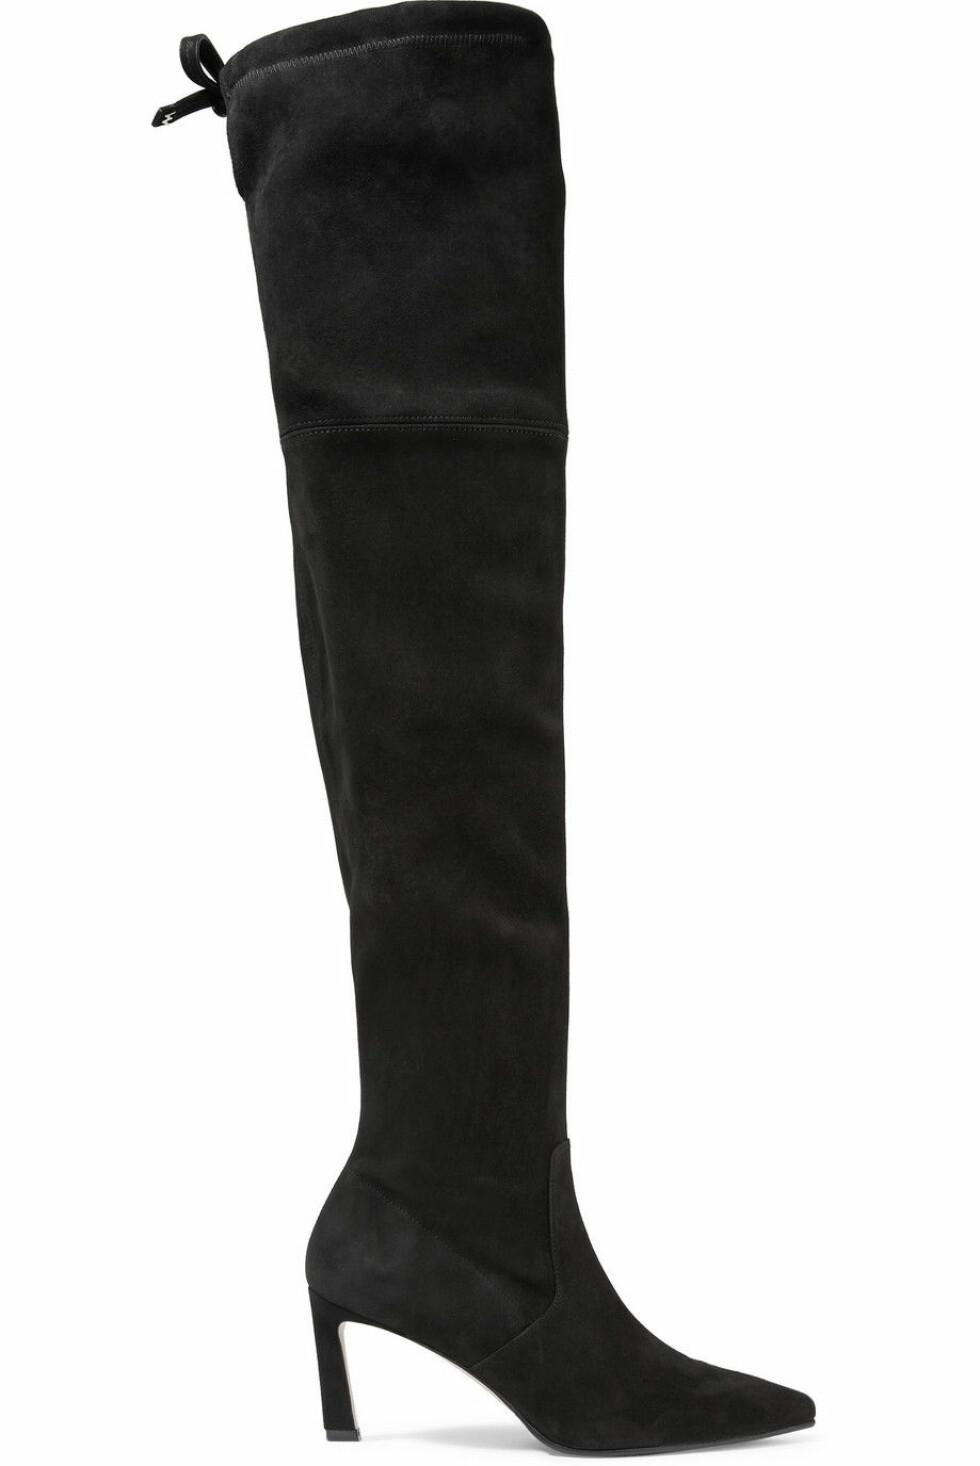 Boots fra Stuart Weitzman |4000,-| https://www.net-a-porter.com/no/en/product/1060817/stuart_weitzman/natalia-suede-over-the-knee-boots